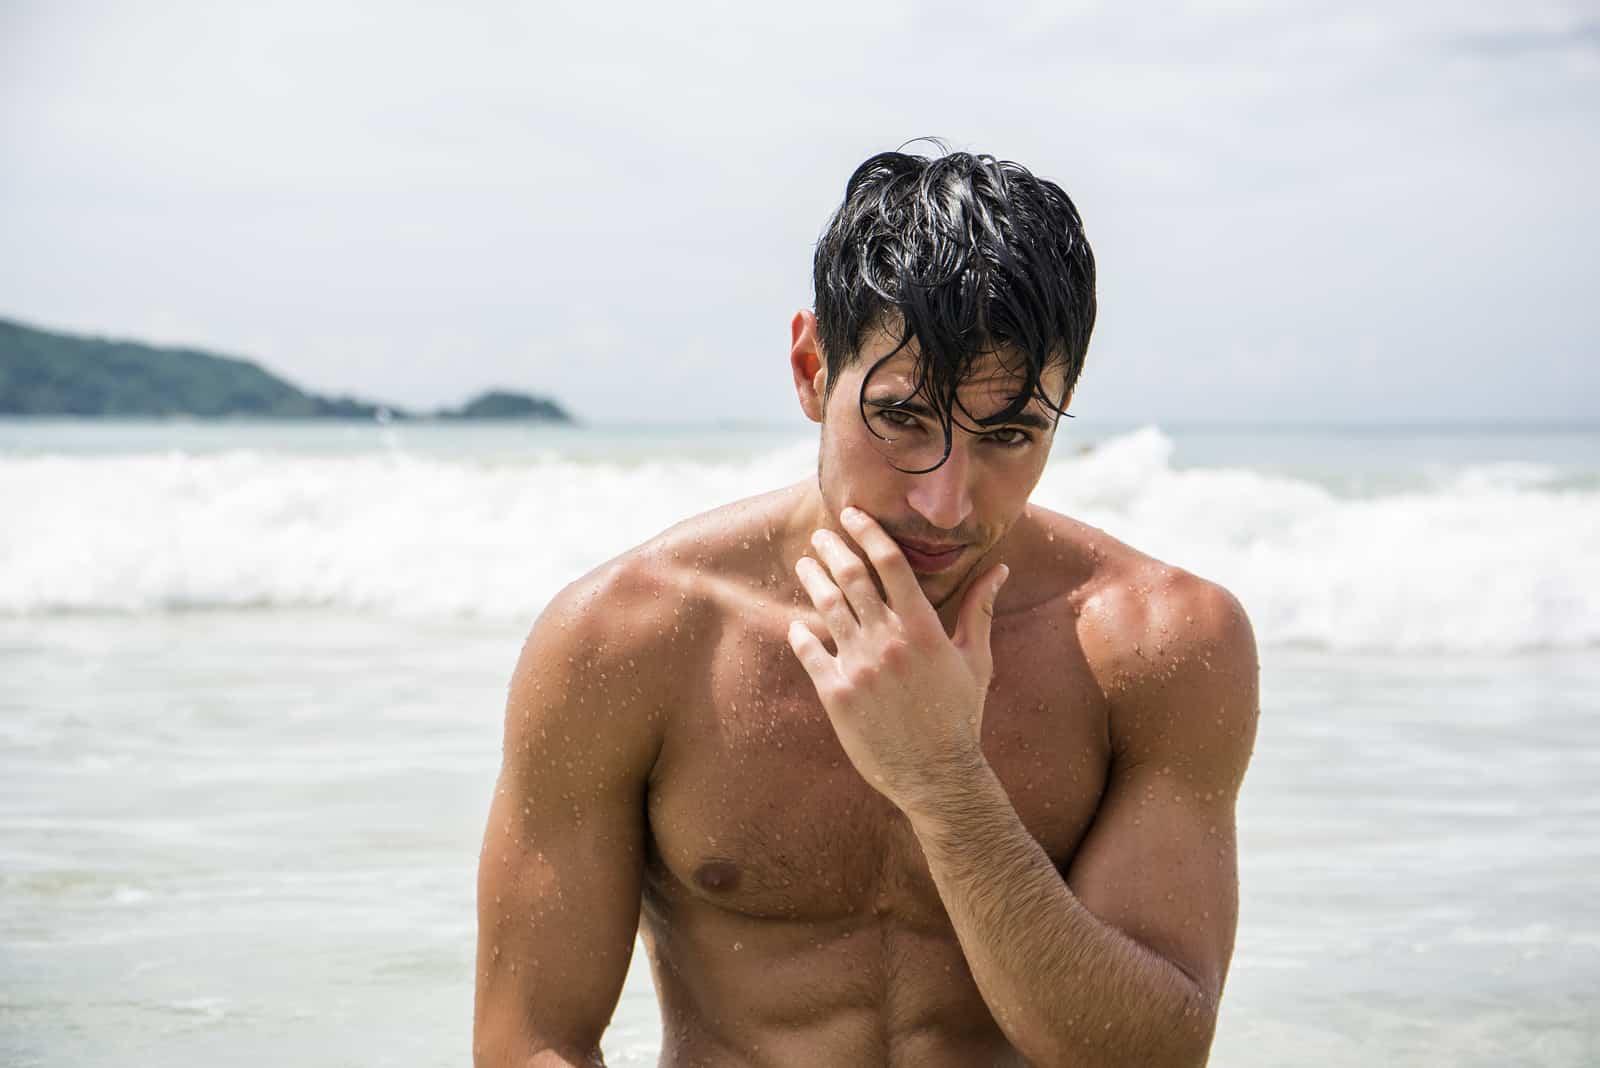 un homme debout dans la mer